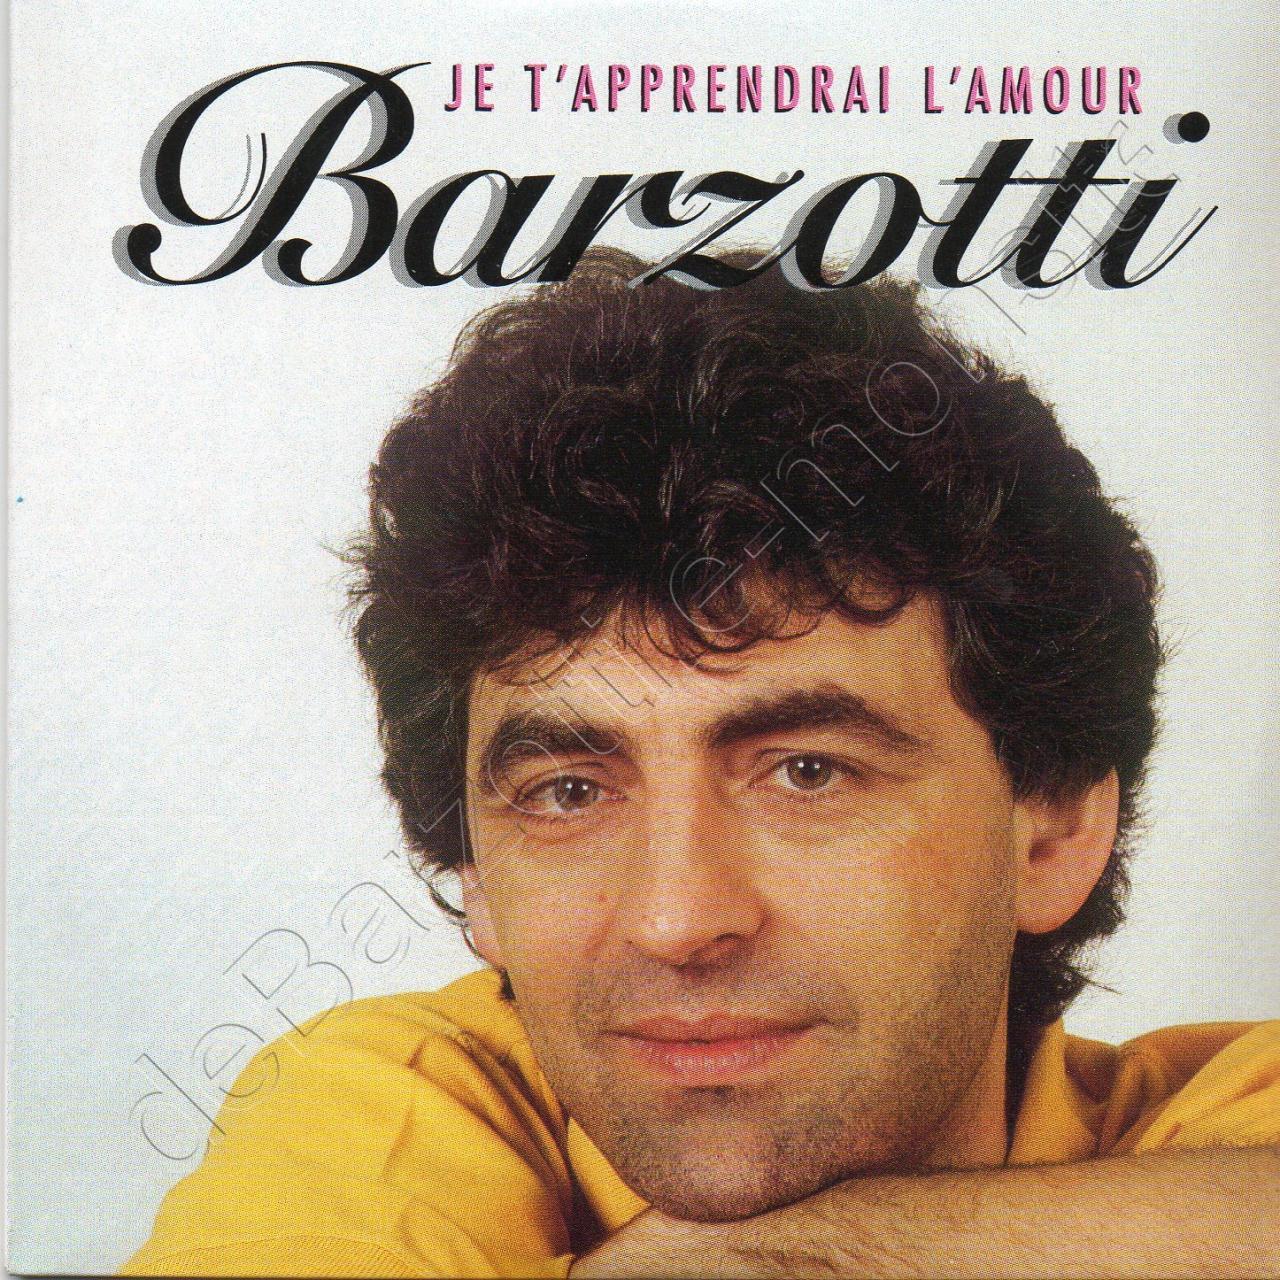 CD 2 titres JE T'APPRENDRAI L'AMOUR / PASSION BLANCHE version 2